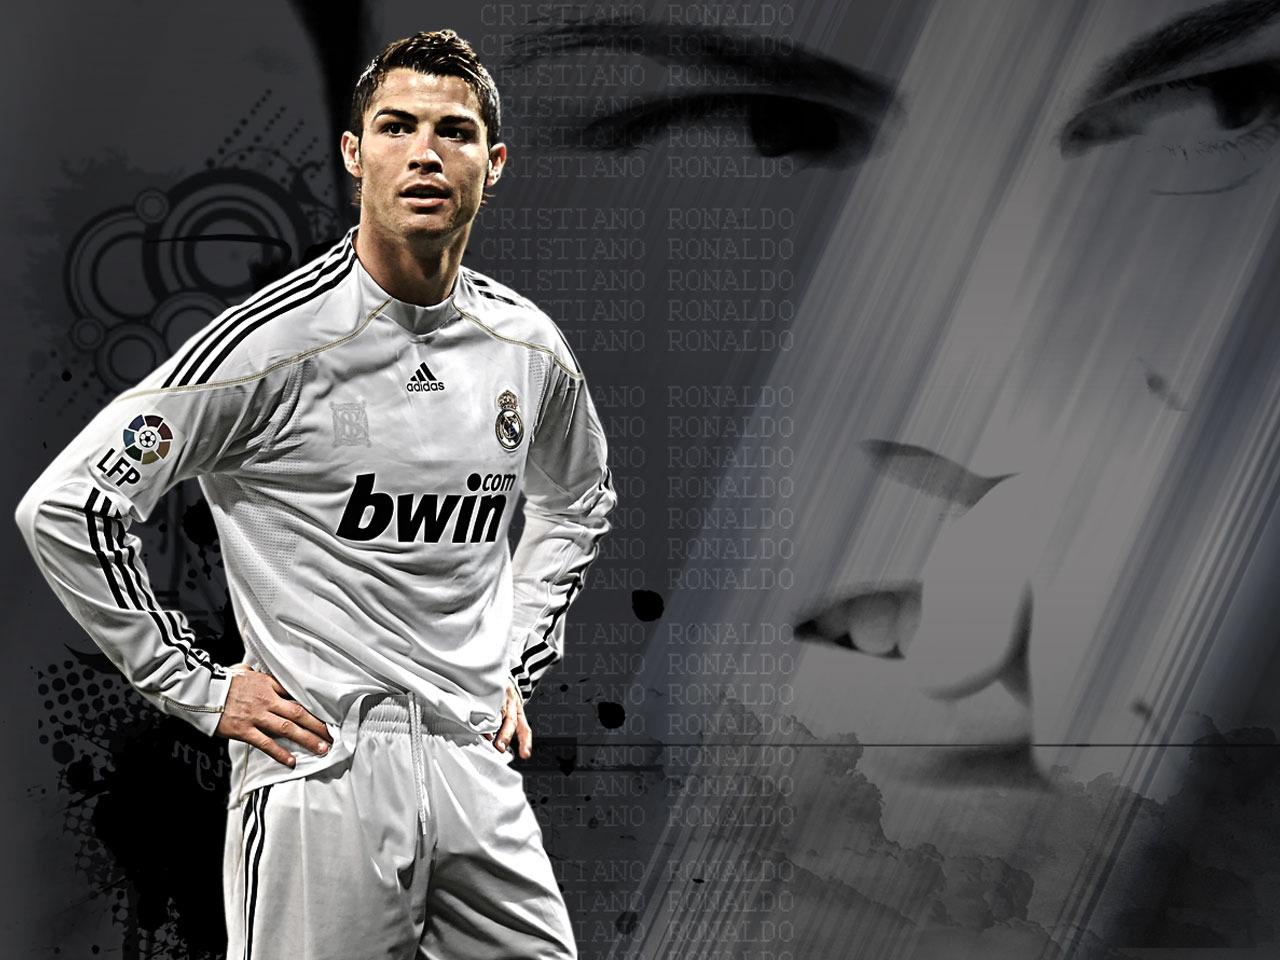 http://2.bp.blogspot.com/-8ZIMwCrAXfA/T5hfhj_LKzI/AAAAAAAAQFQ/bRdusHQoHJE/s1600/Wallpaper_CR7_Cristiano_Ronaldo_real_madrid.jpg